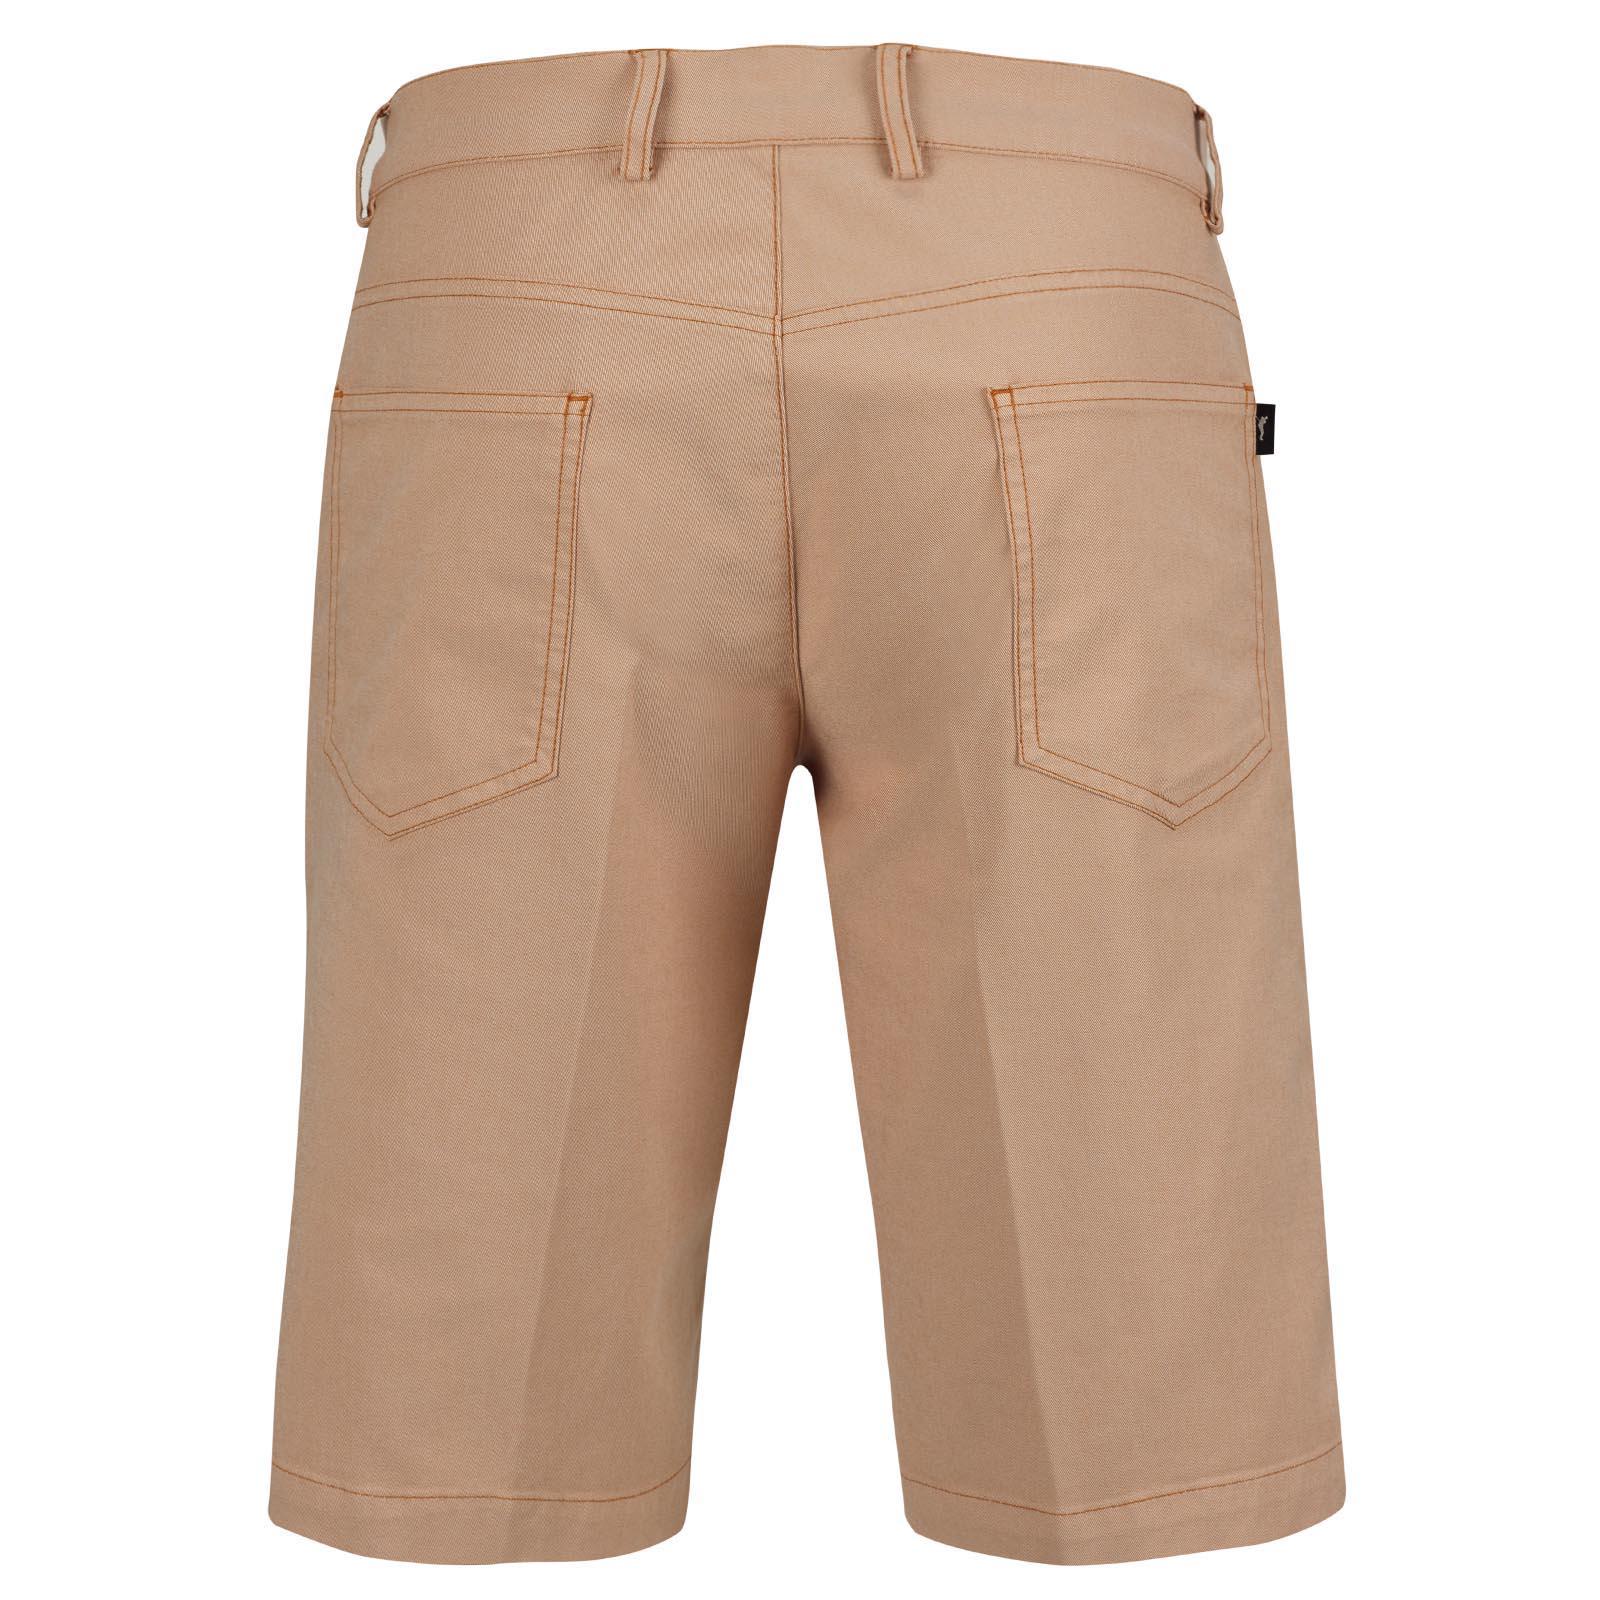 Moderne Premium Cotton Blend Herren Golf-Bermuda mit Stretchfunktion